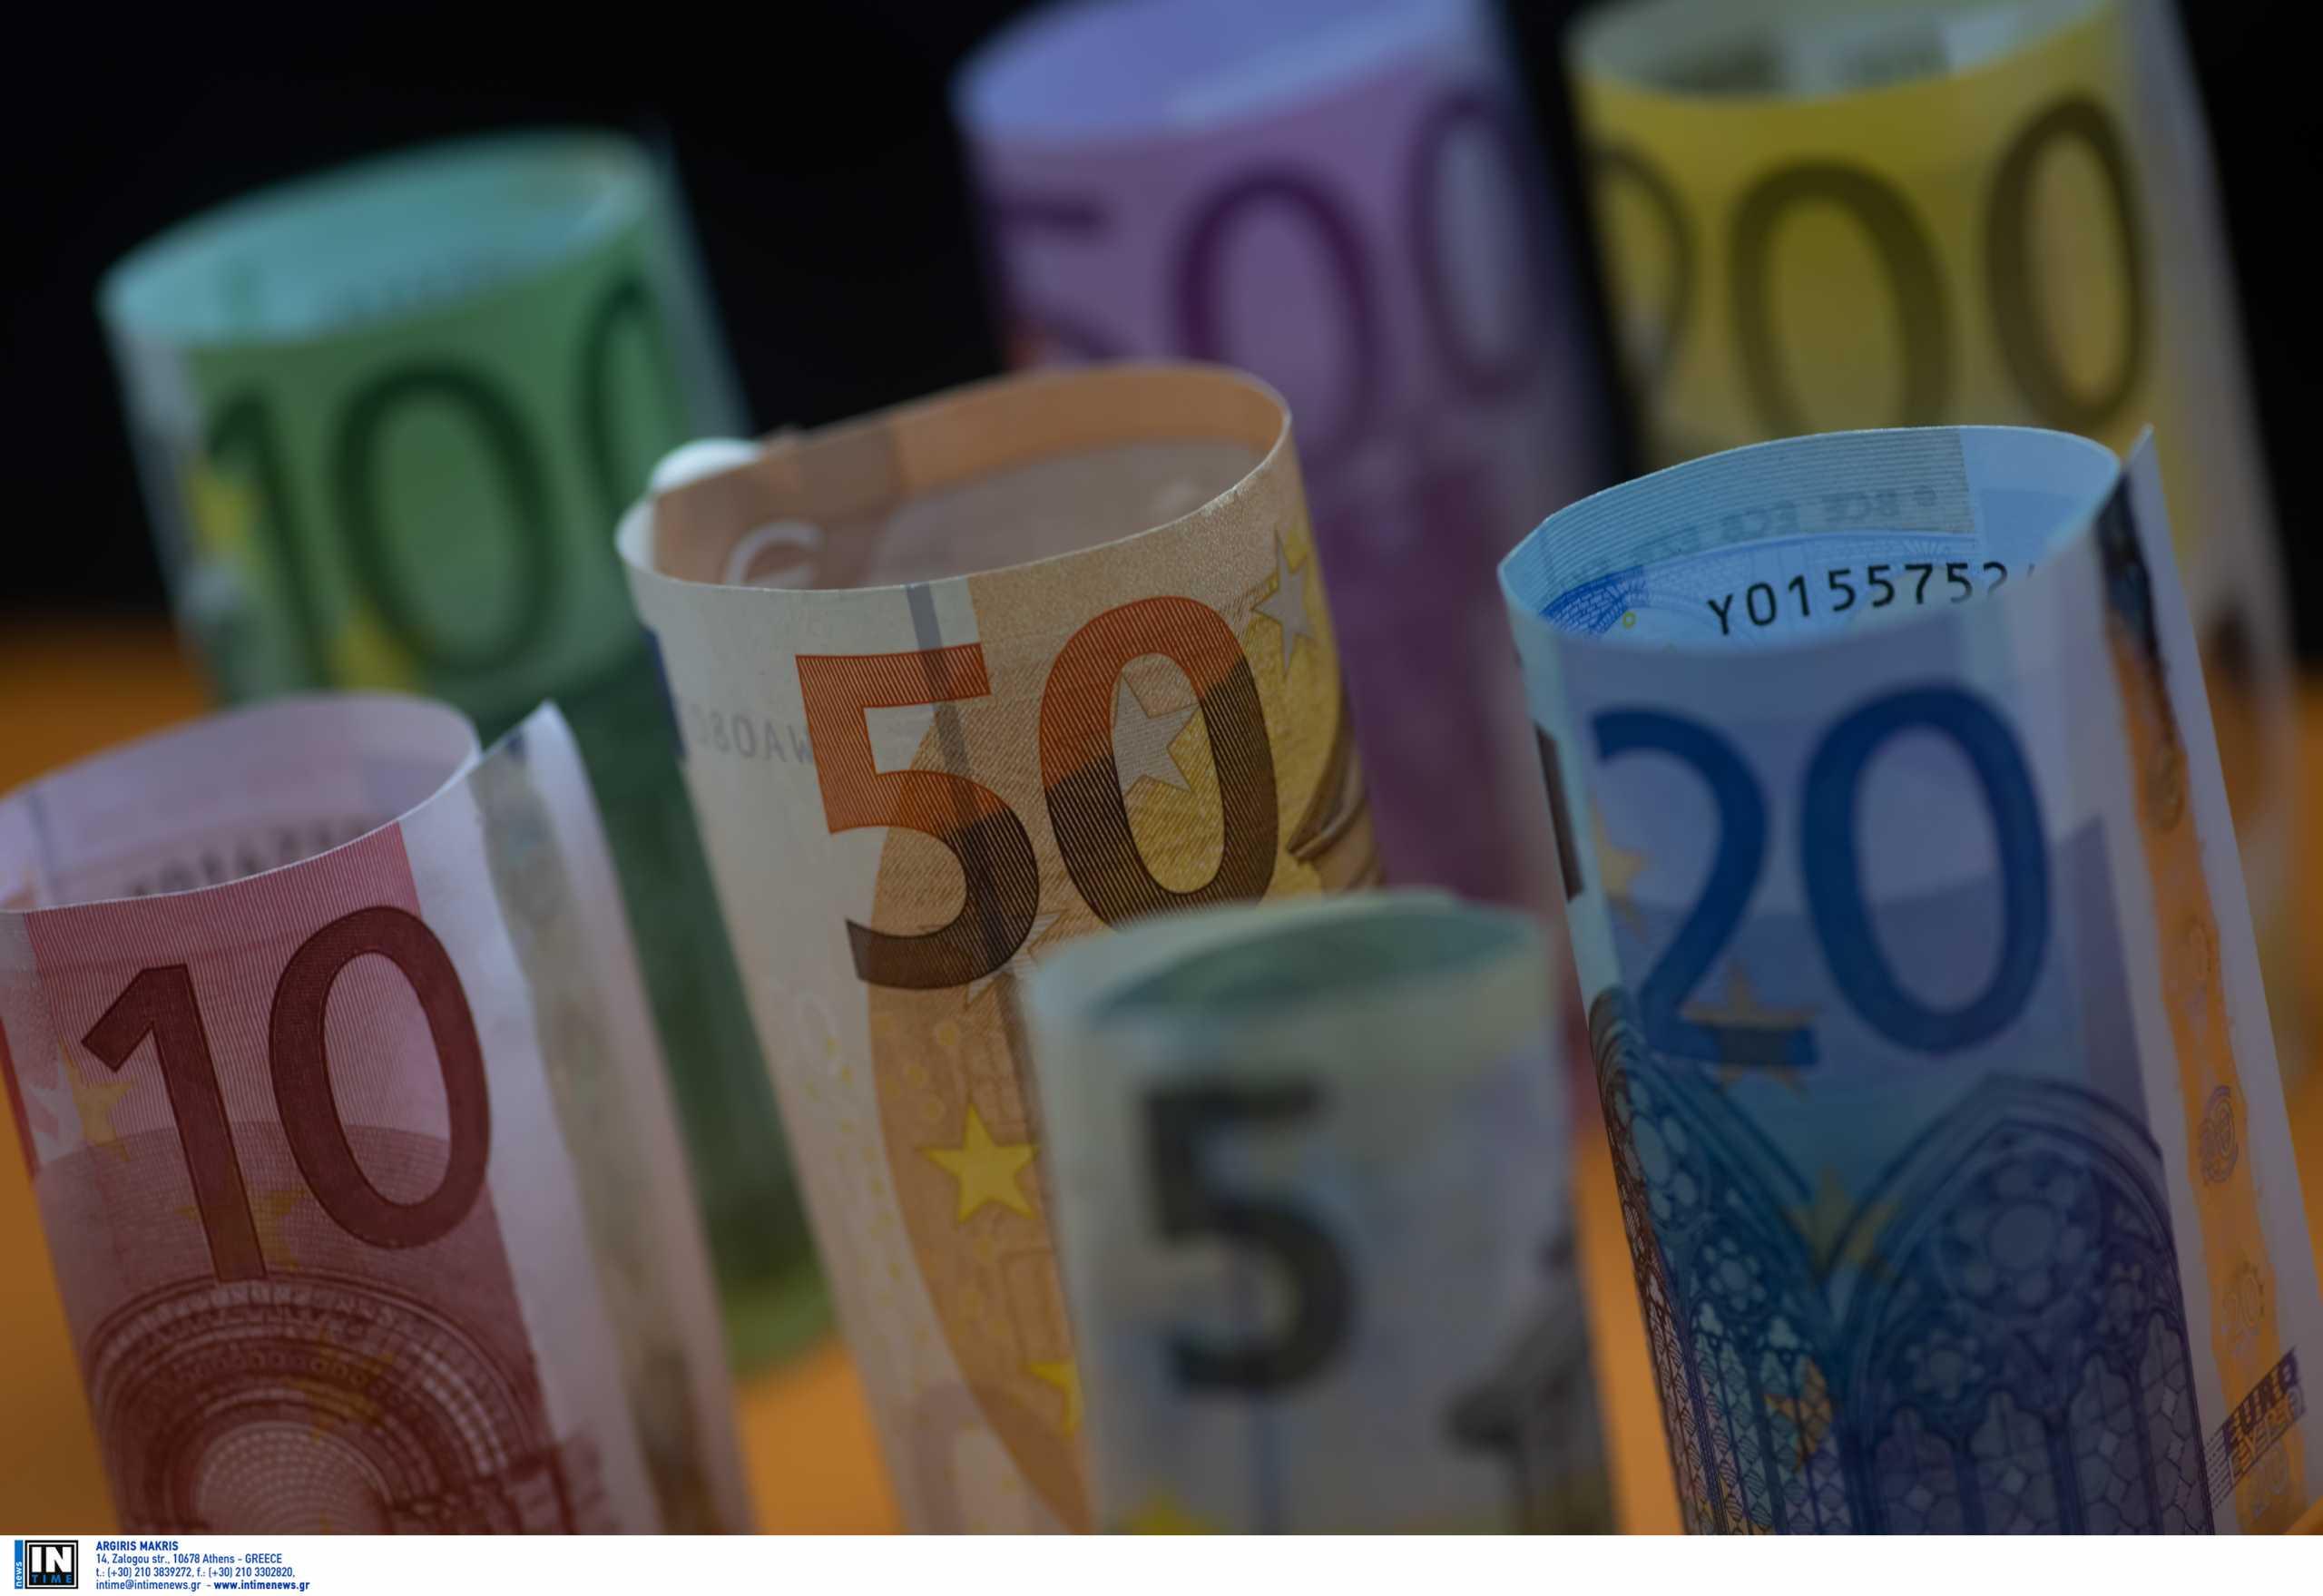 Χωρίς προσαύξηση για 6 μήνες το επιτόκιο για το ελληνικό δάνειο του 2012